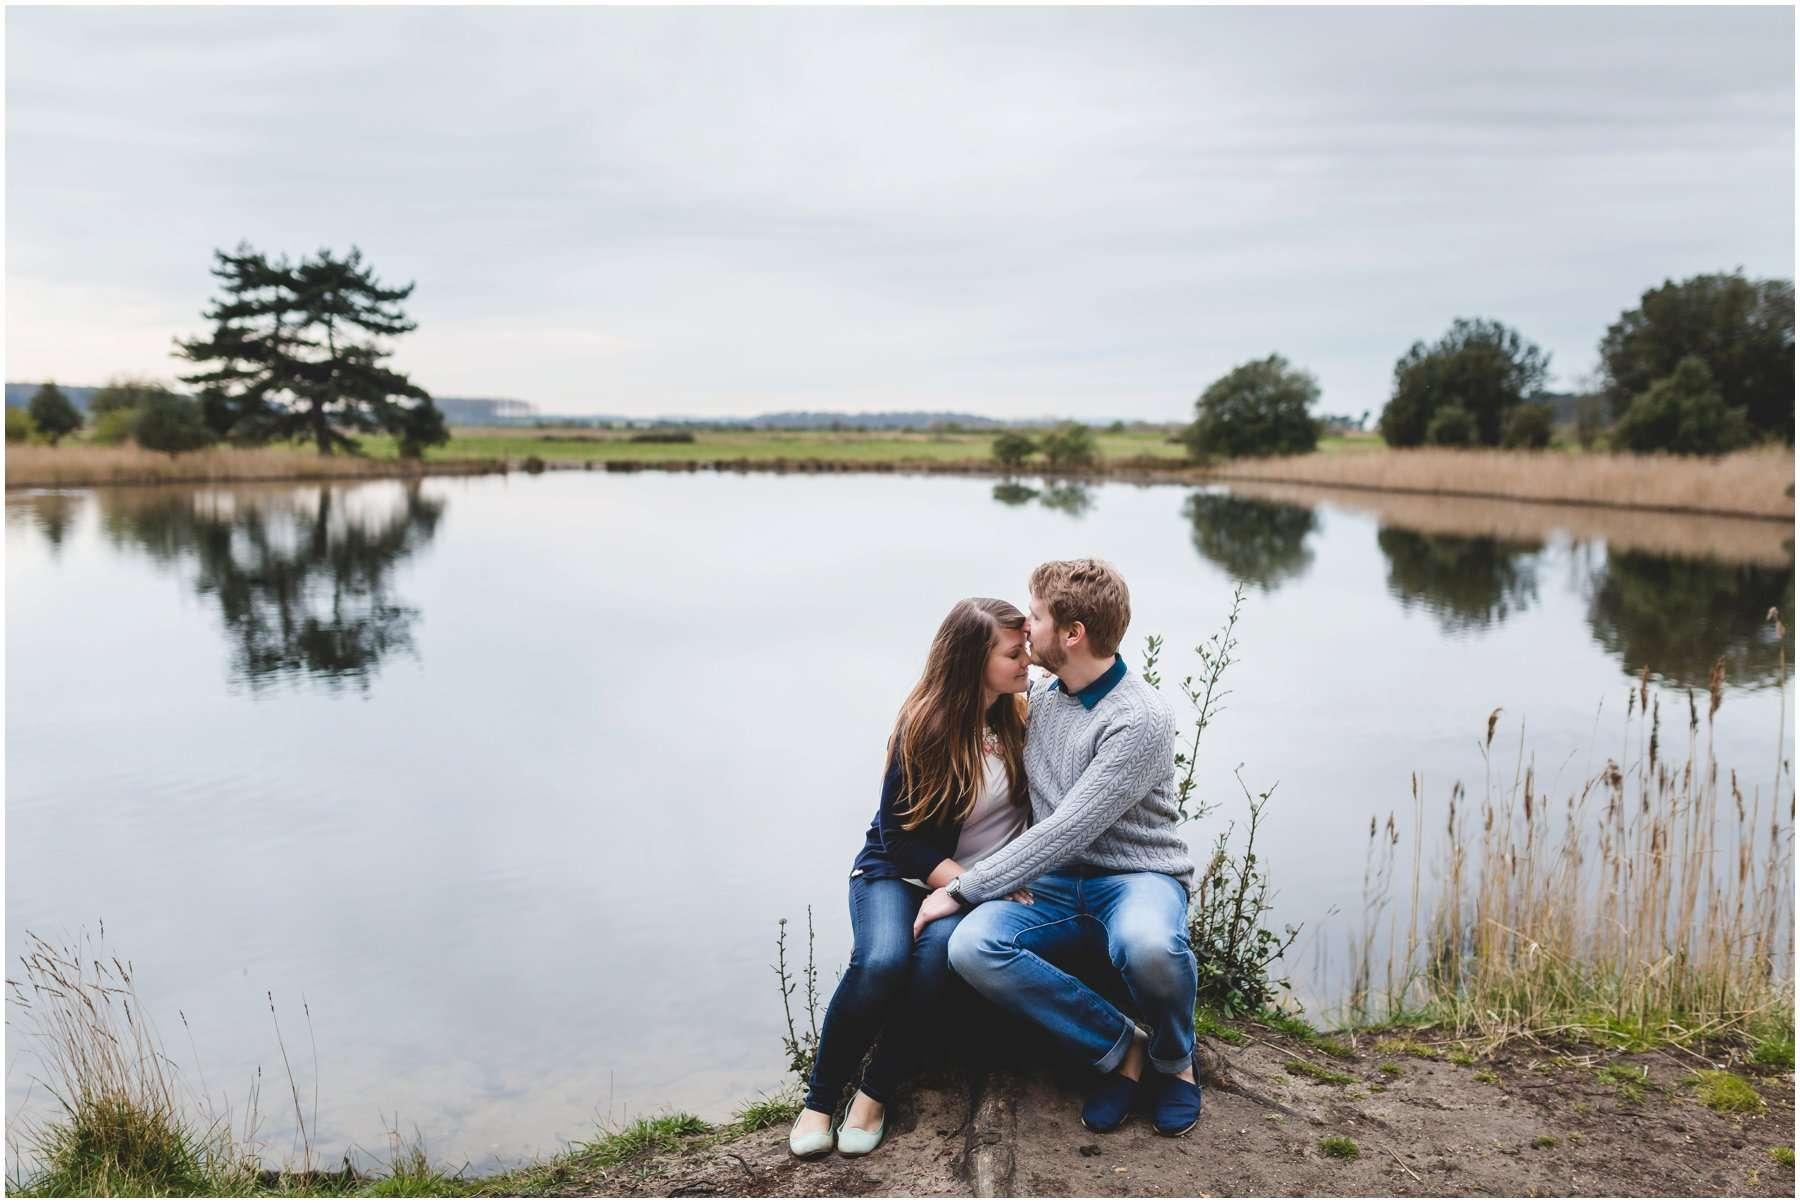 ELYSE AND DAVID ENGAGEMENT SHOOT - NORFOLK WEDDING PHOTOGRAPHER 1